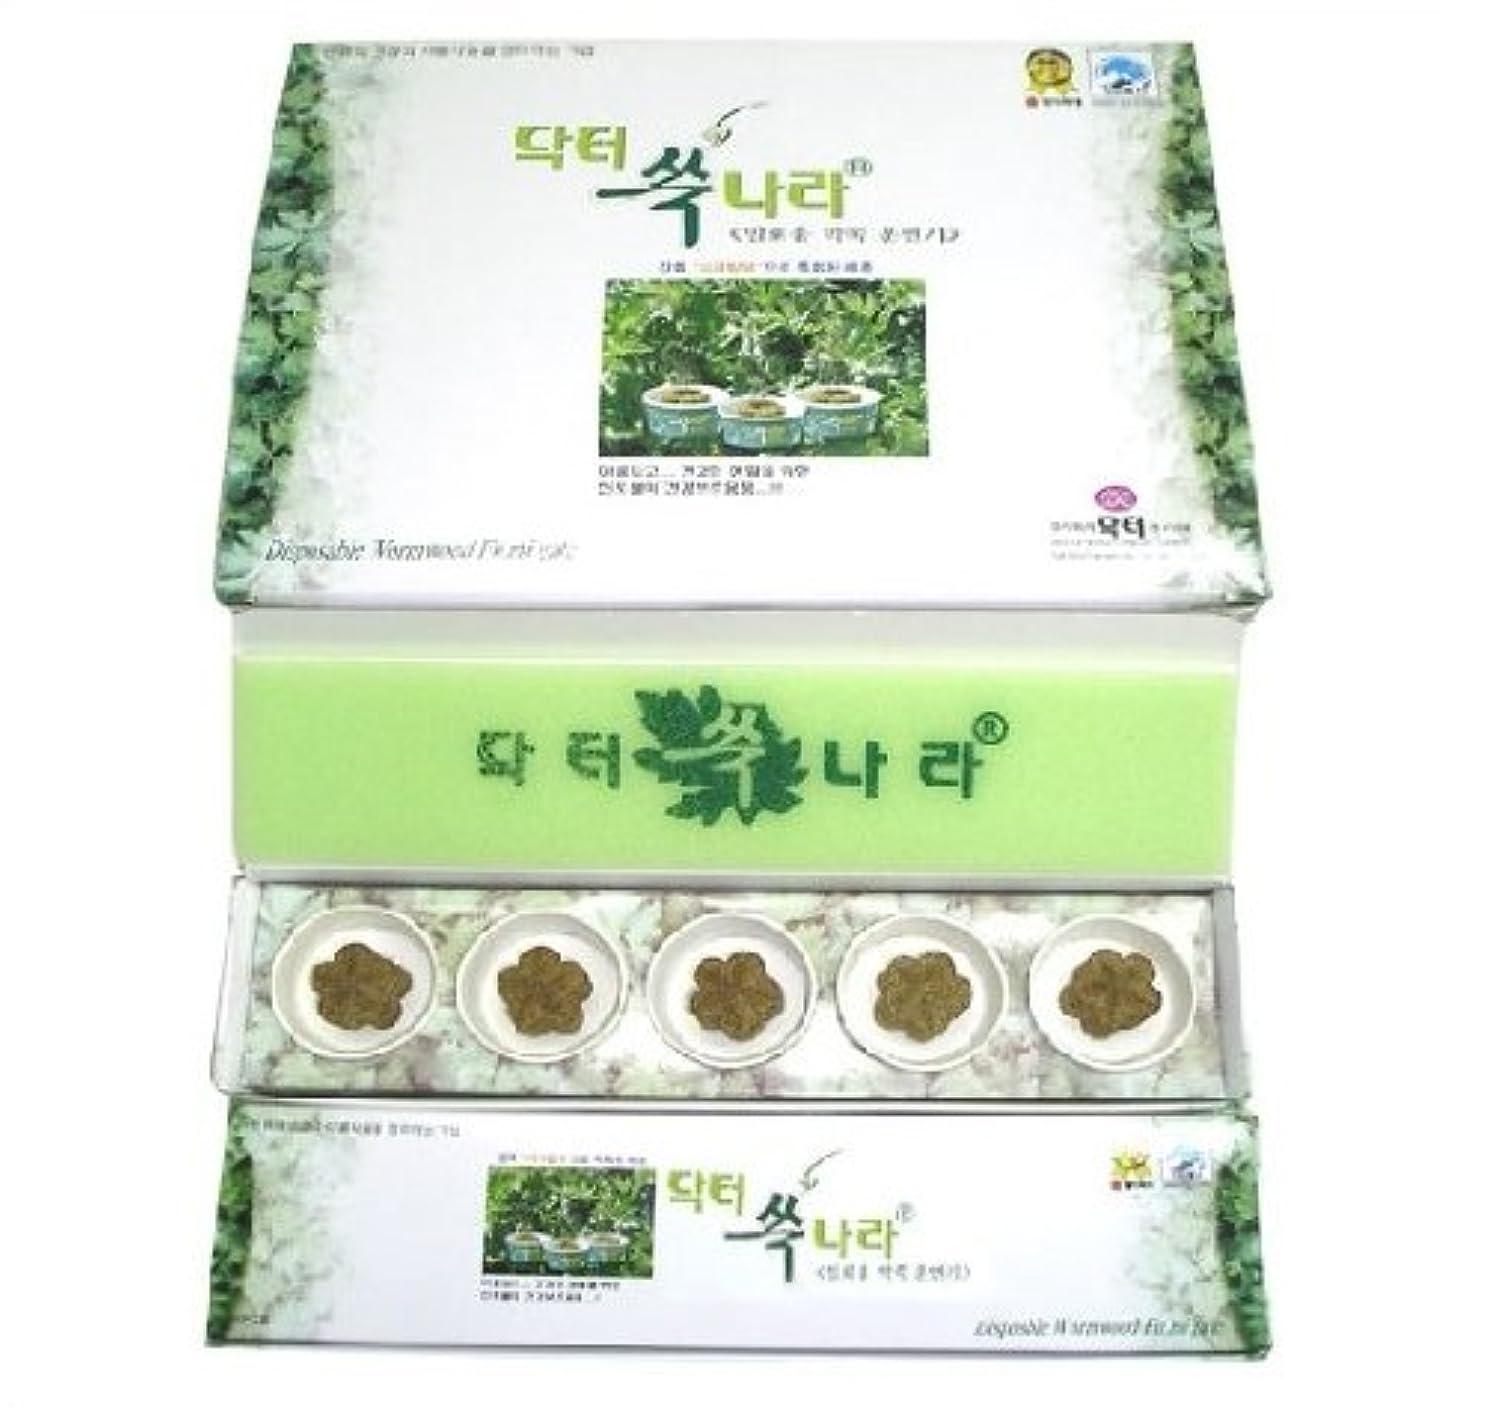 呼吸マット限界韓国 トイレでする自宅よもぎ蒸し、座浴、座薫ー超簡単 器具は不要 5個入り